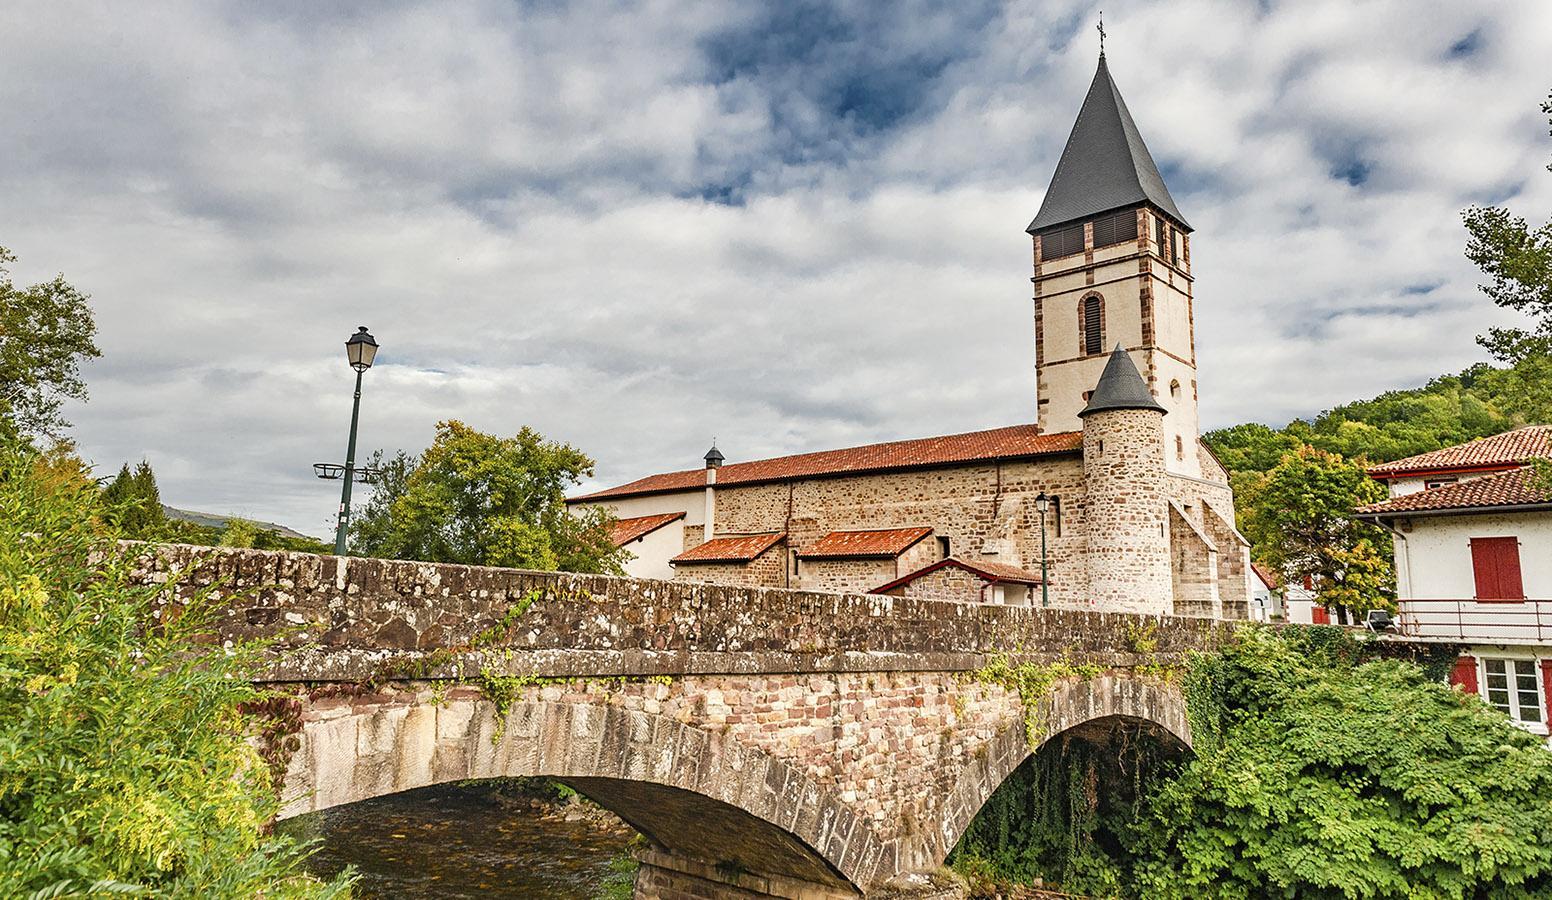 Die Pfarrkirche von St-Etienne-de-Baigorry_Kirche mit dem Ponzt Roman über Nive des Aldudes. Foto: Hilke Maunder